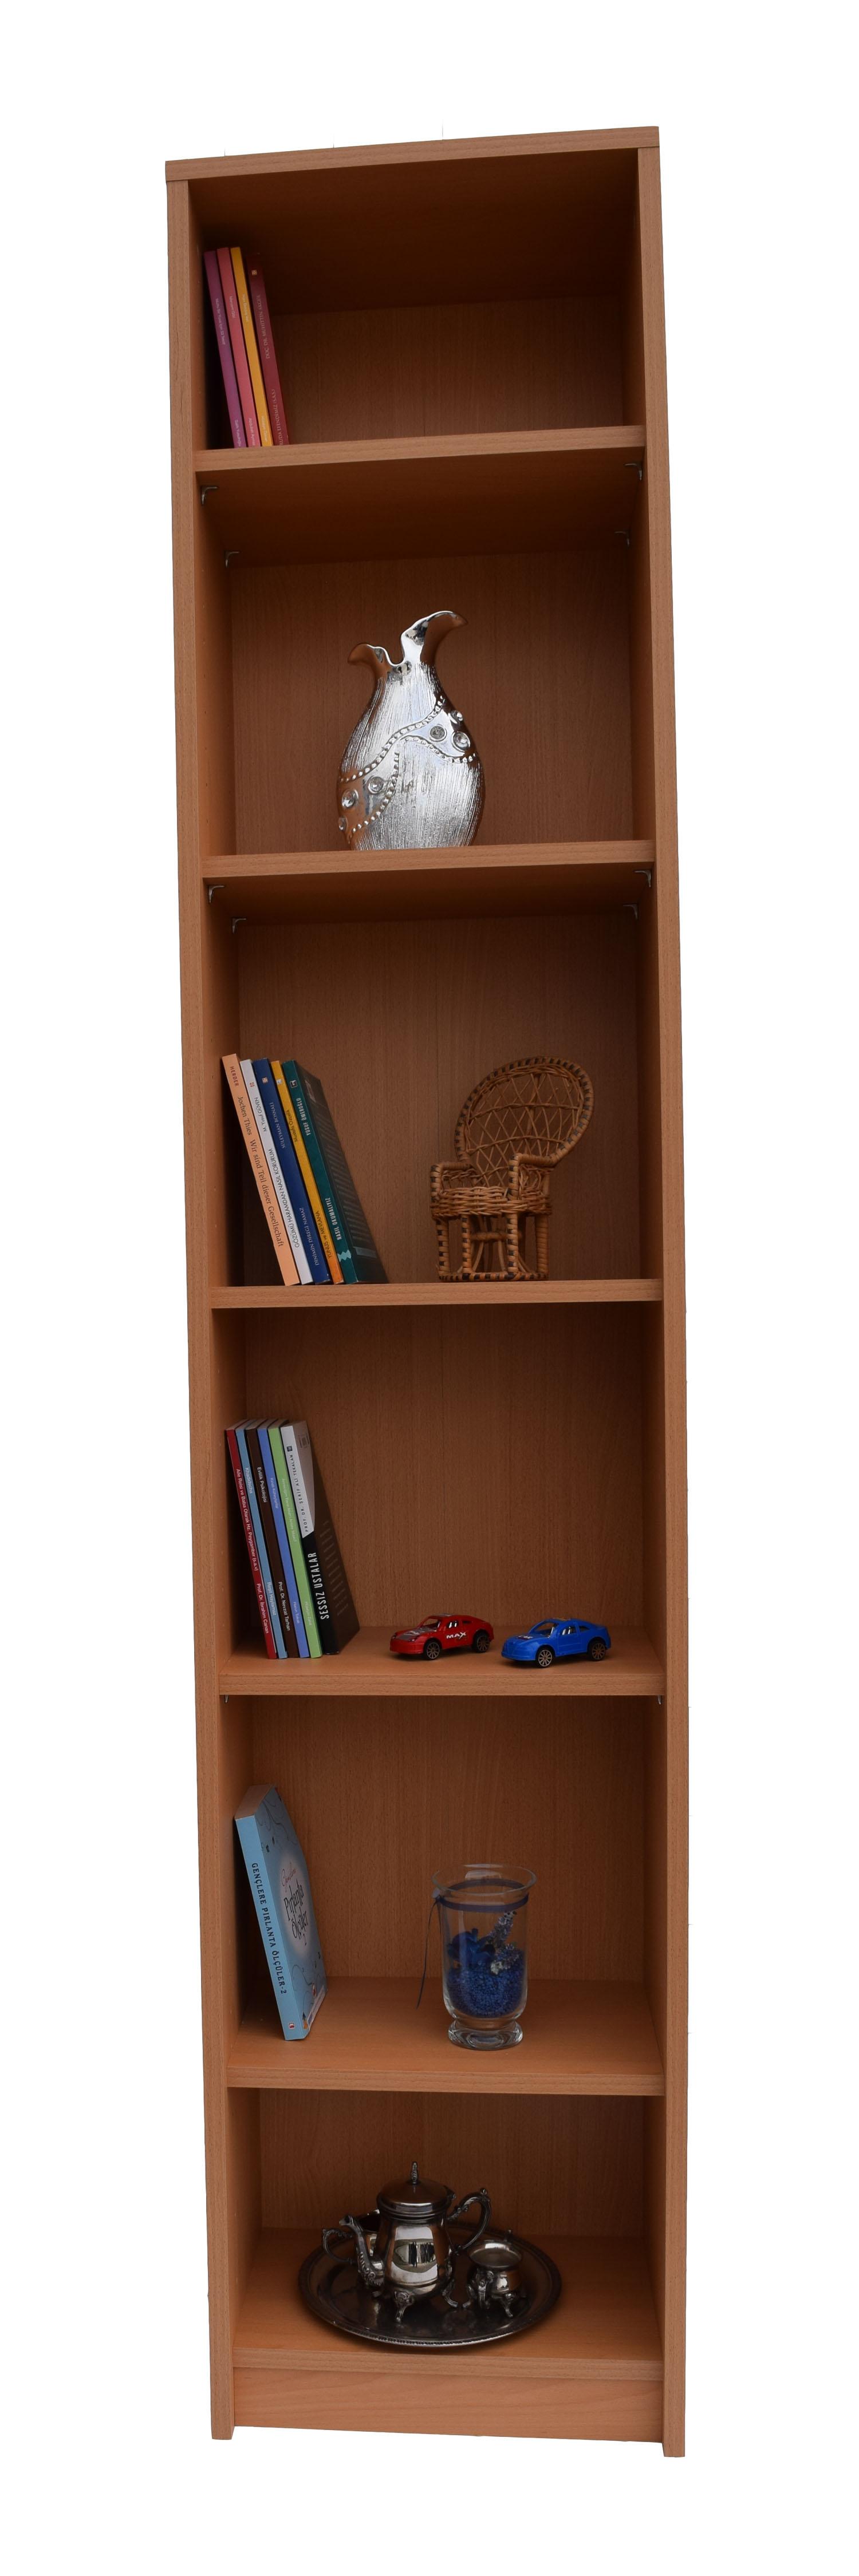 b cherregal mehrzweckregal aktenregal regal weiss buche schmal breit ebay. Black Bedroom Furniture Sets. Home Design Ideas